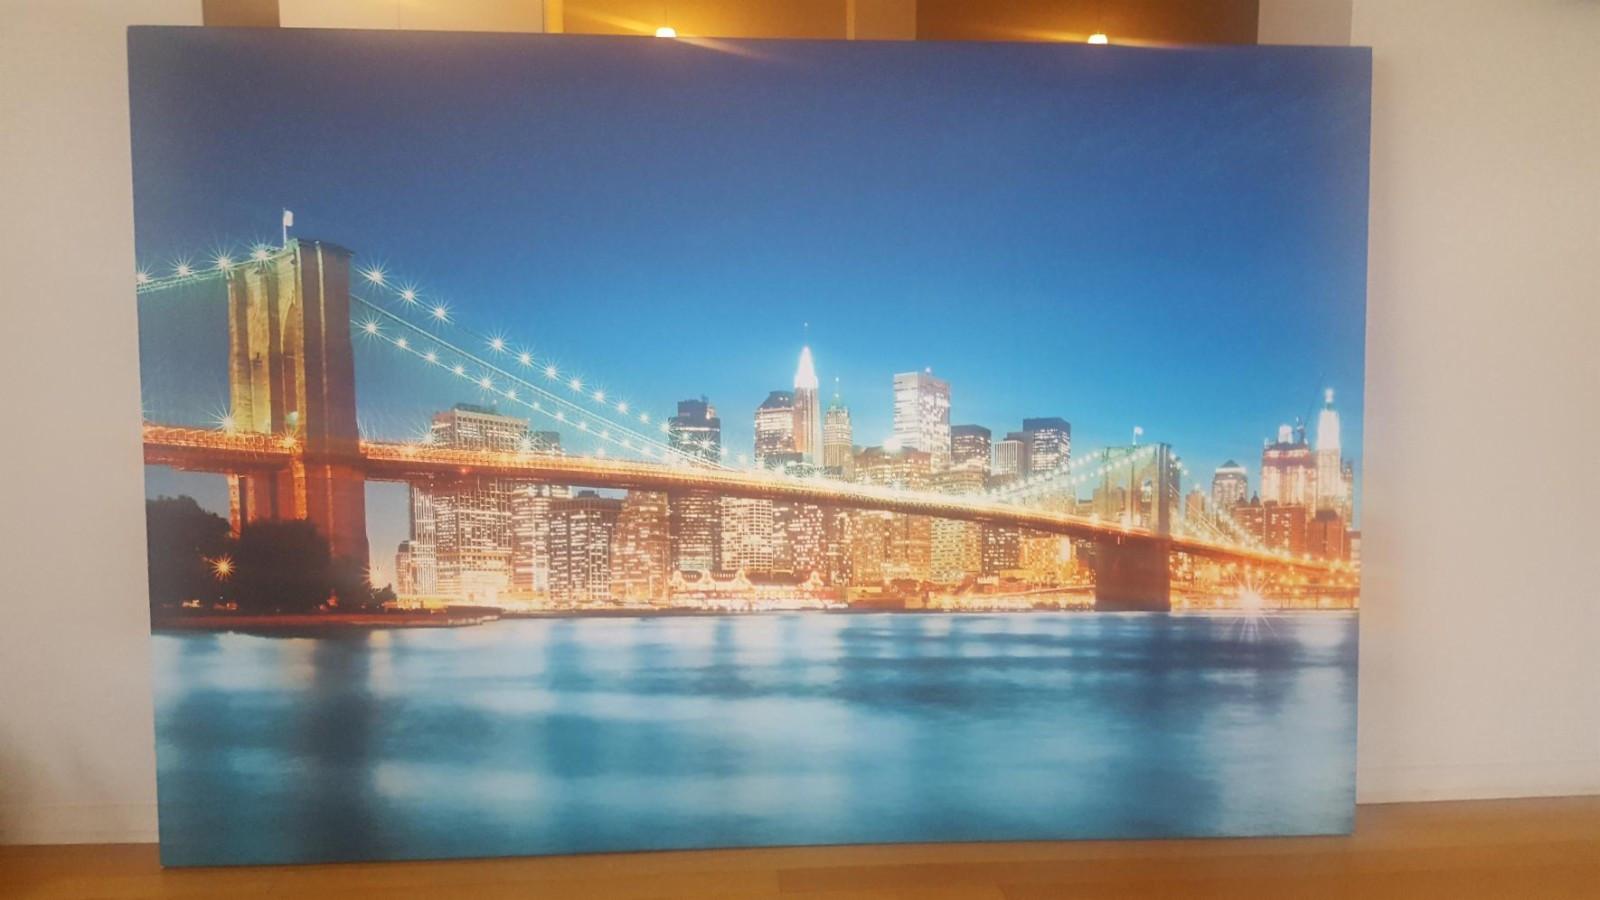 Brooklyn Brigde stort bilde - Oslo  - Stor lerret på blindramme selges. 150 x 100 cm. Bildet er nylig kjøpt på photowall.no for 1500,- art.nr 19862 - Oslo